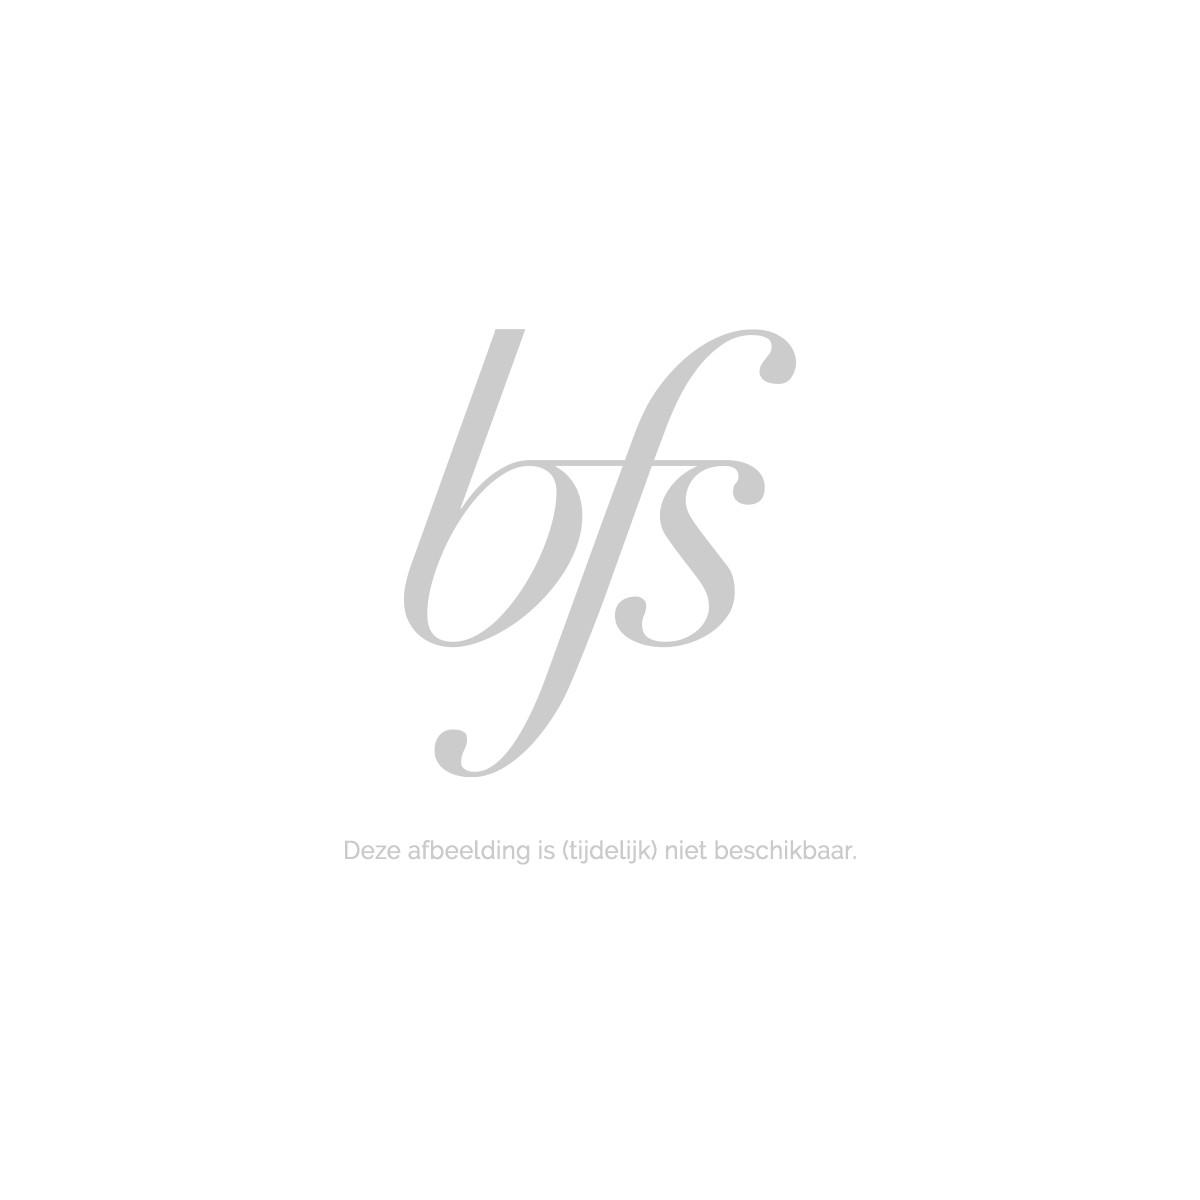 Elie Saab Le Parfum Leau Couture Eau de Toilette 50 ml